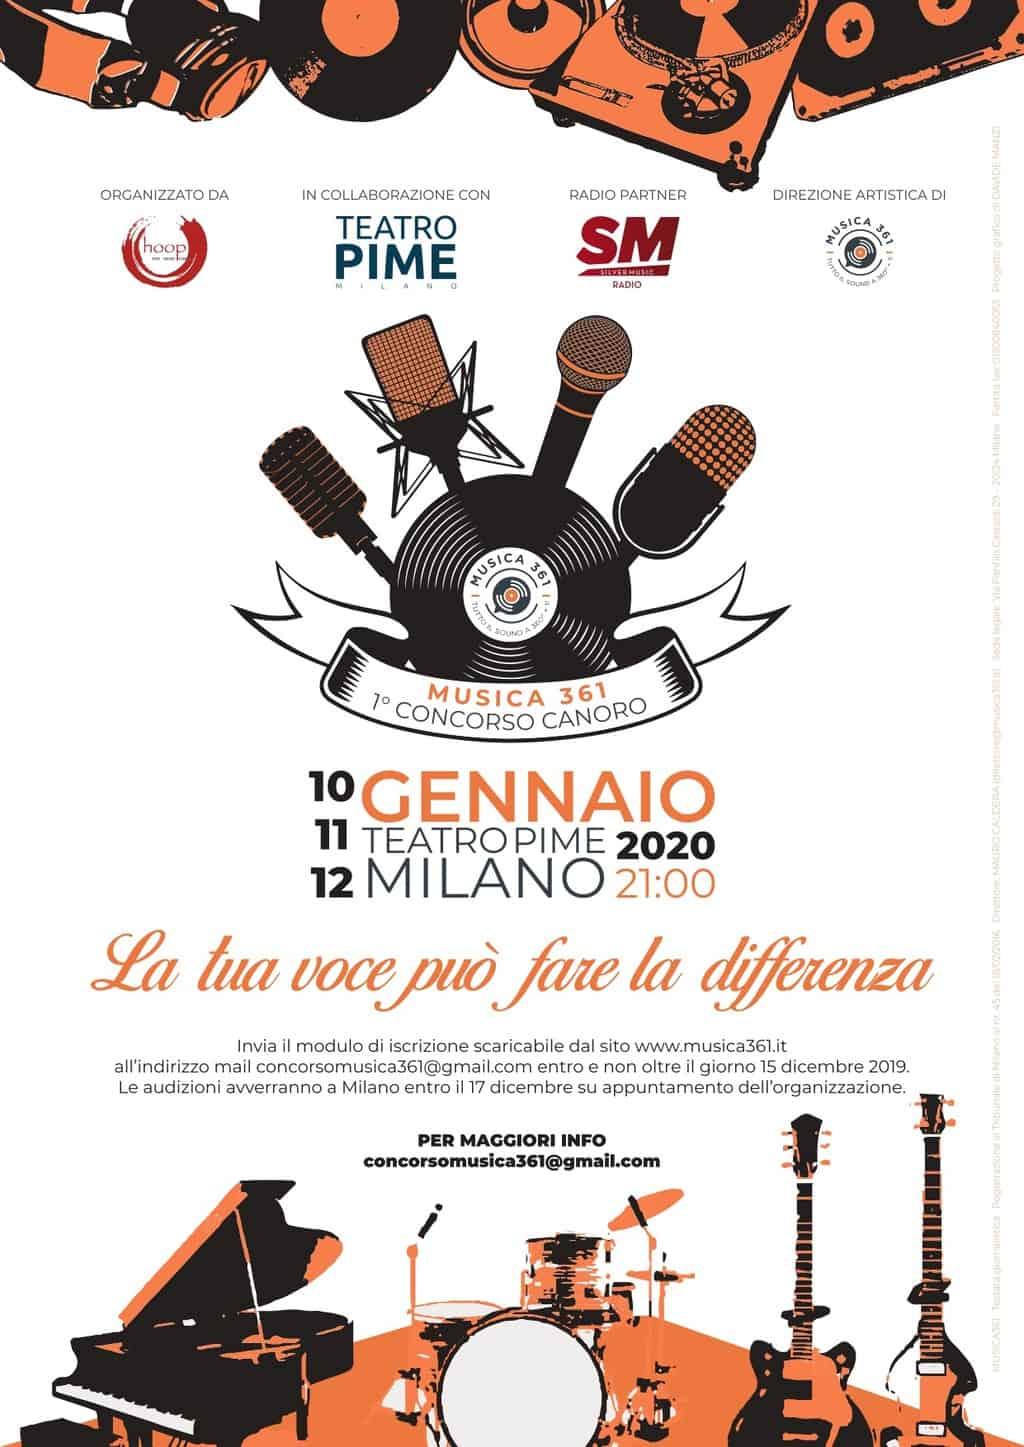 Concorso Canoro Musica361: la prima edizione a Milano 1